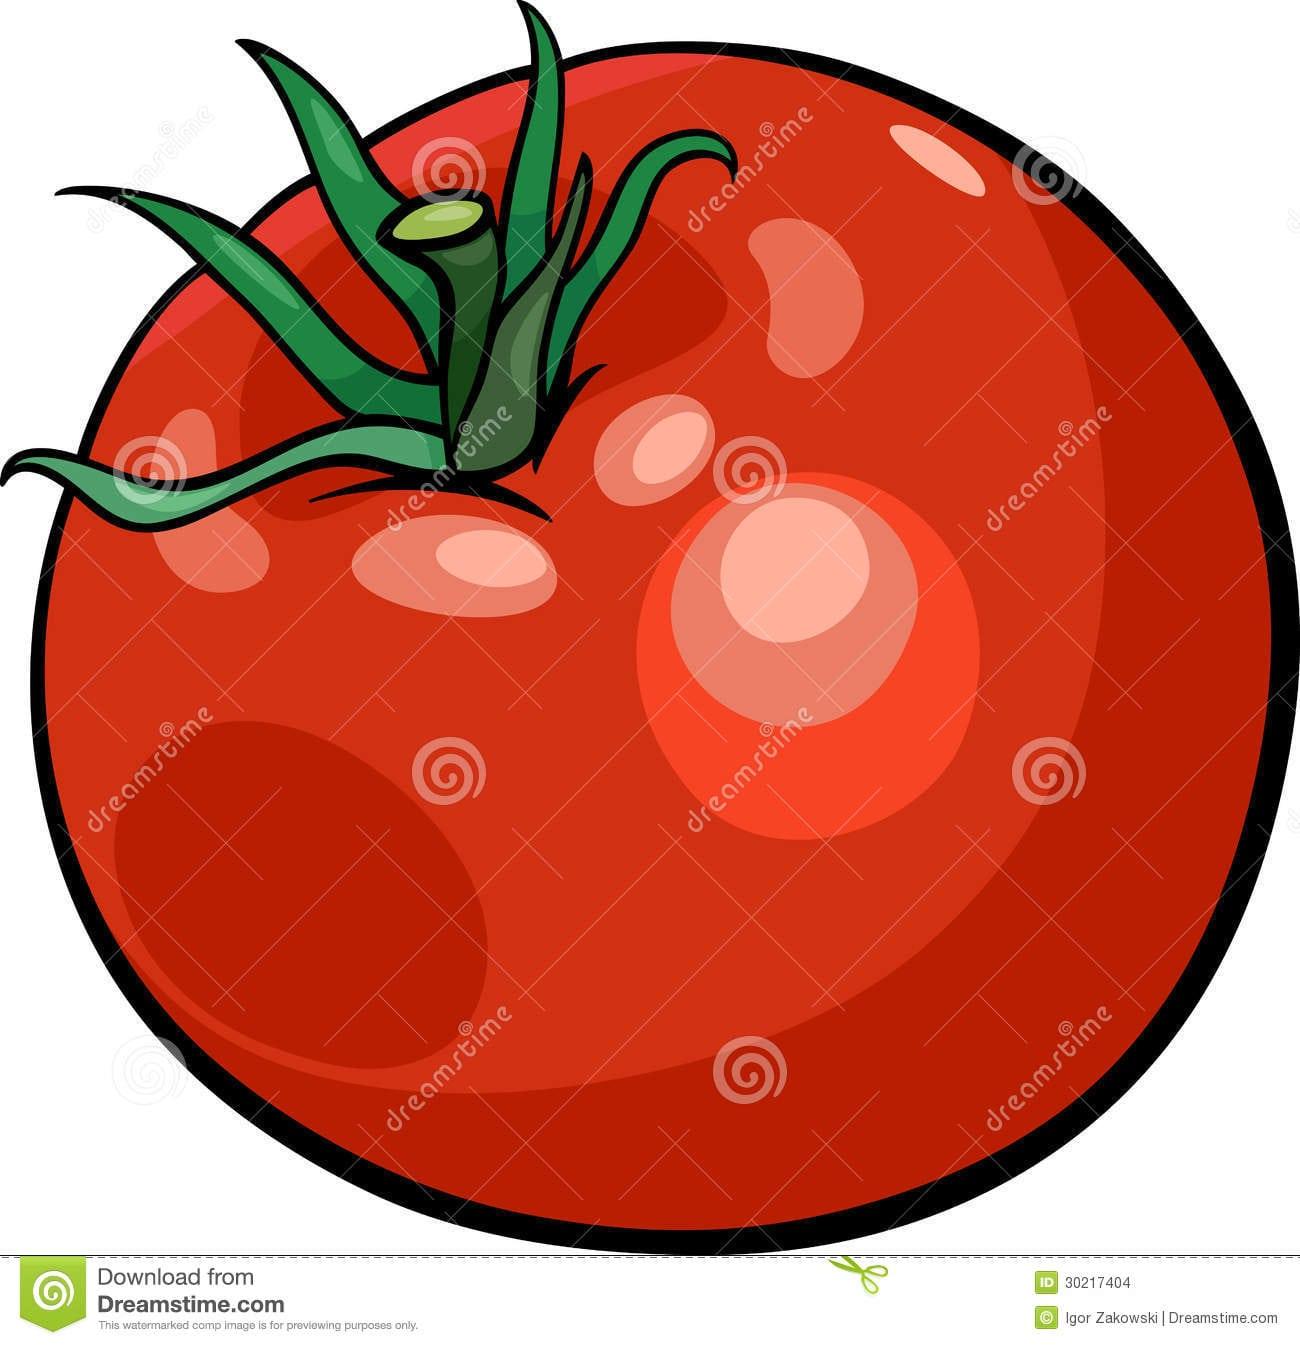 Ilustração Vegetal Dos Desenhos Animados Do Tomate Imagens De